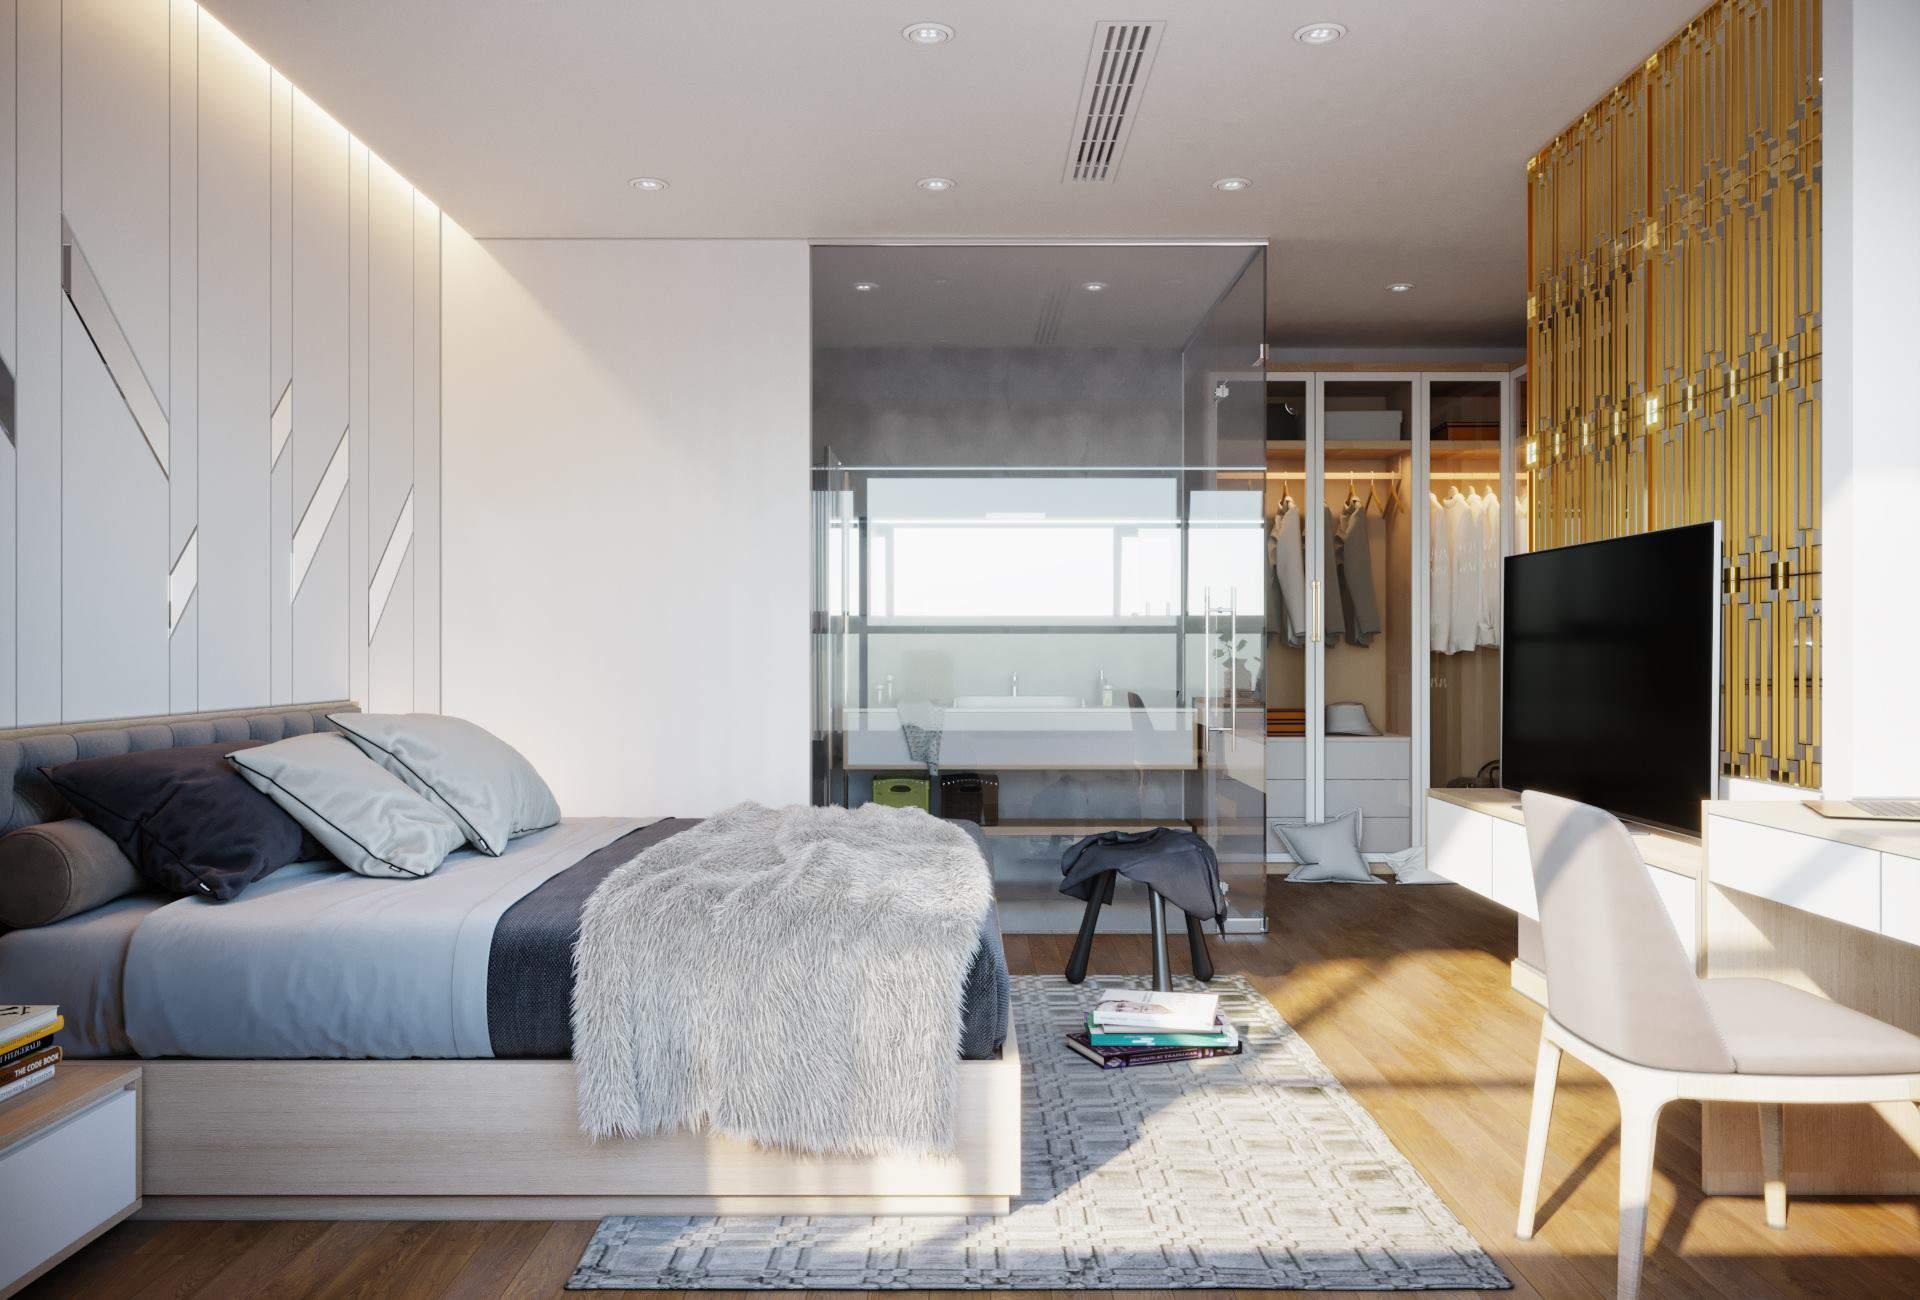 Mẫu thiết kế phòng ngủ hiện đại cho nhà chung cư